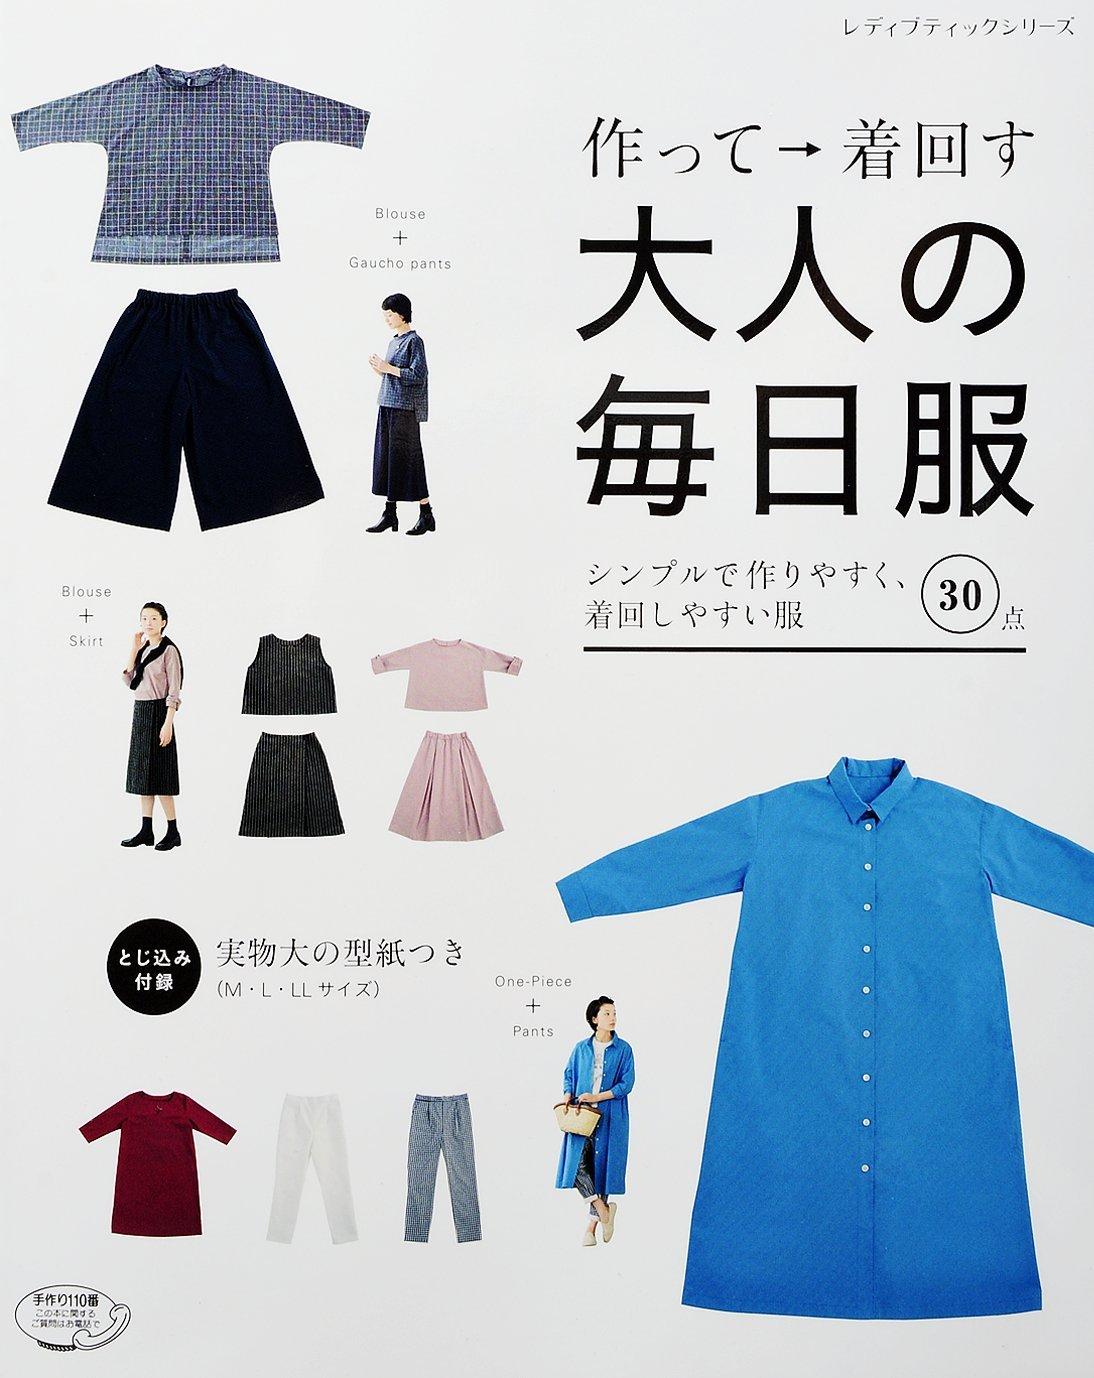 Made by Chakumawasu adult daily clothing